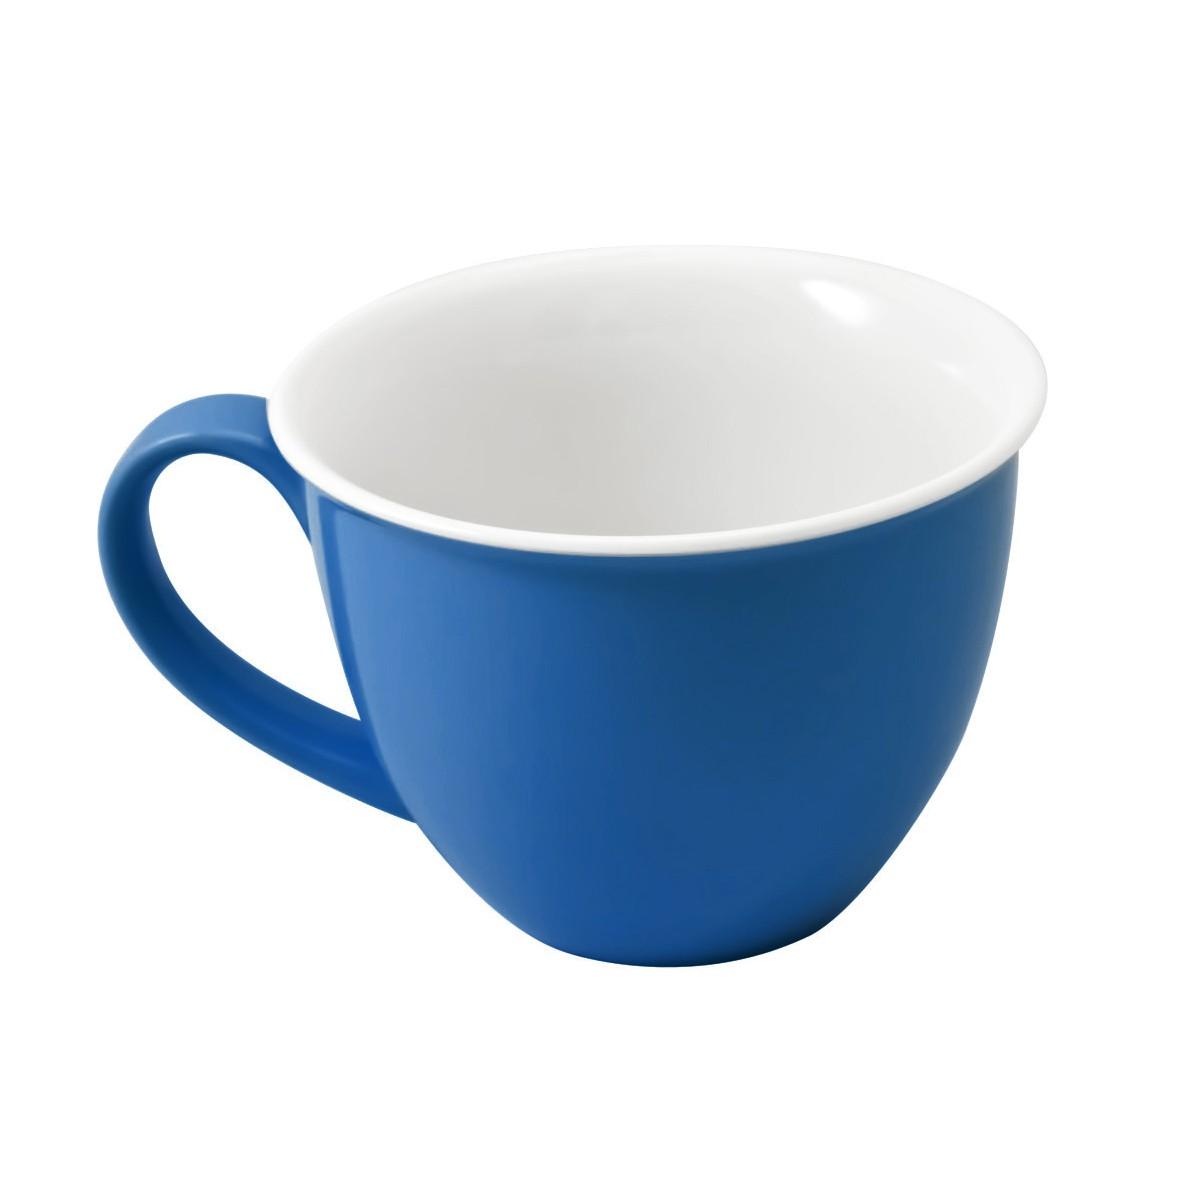 ritzenhoff breker flirt geschirr serie doppio porzellan indigo blau einzeln ebay. Black Bedroom Furniture Sets. Home Design Ideas